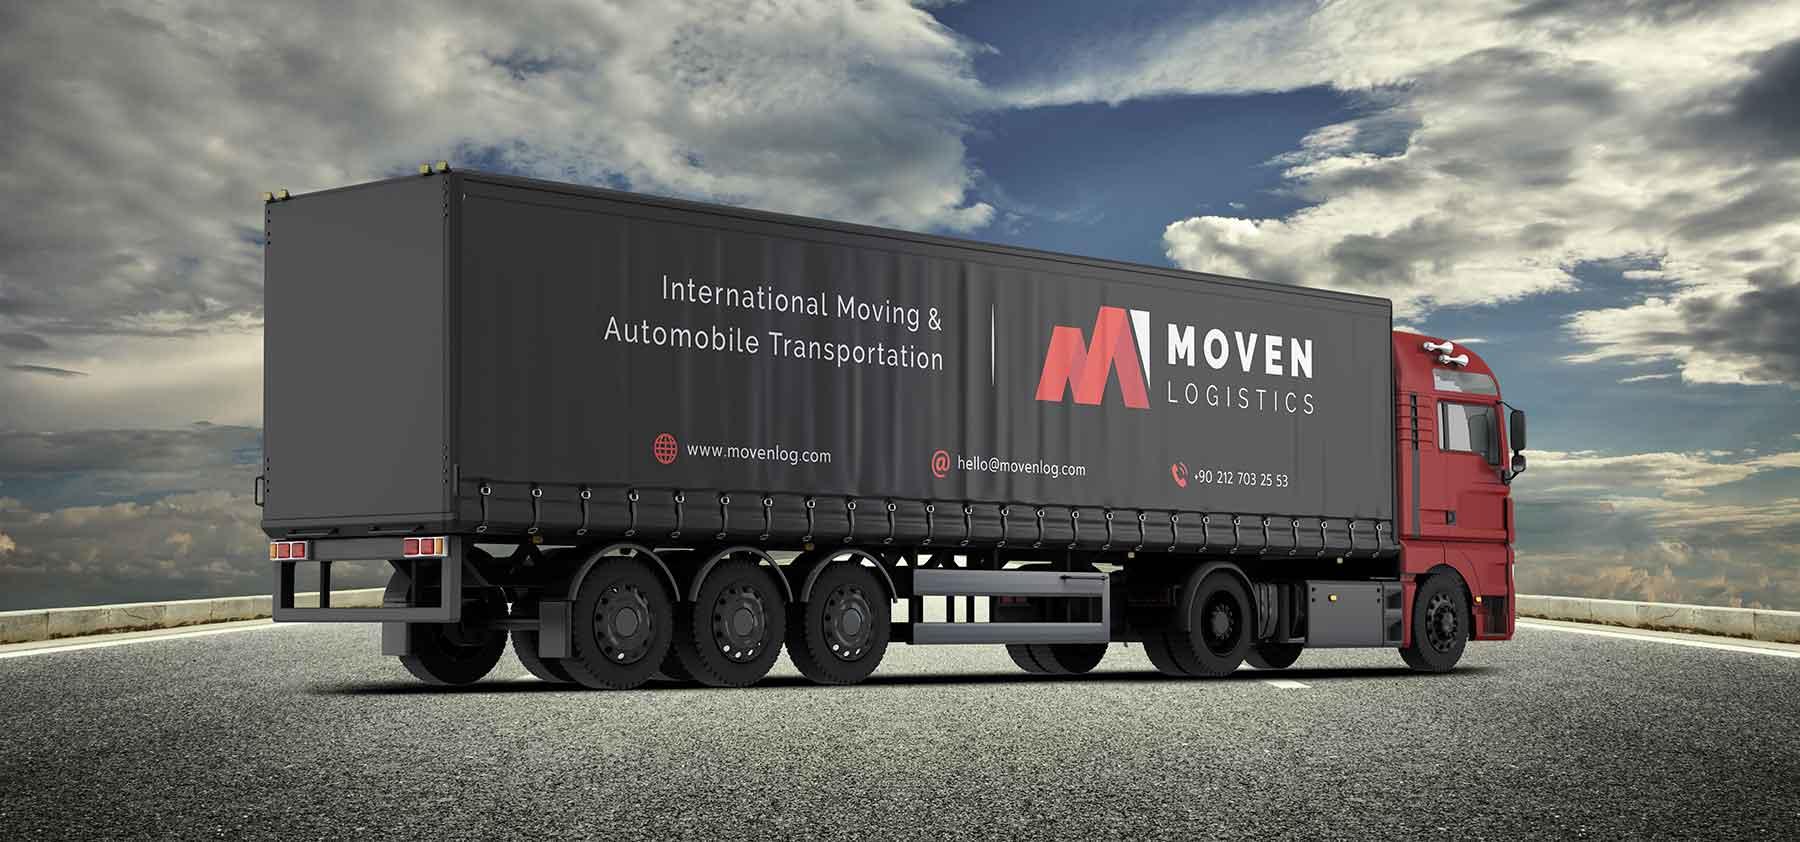 kamyon uluslararası nakliye taşımacılık